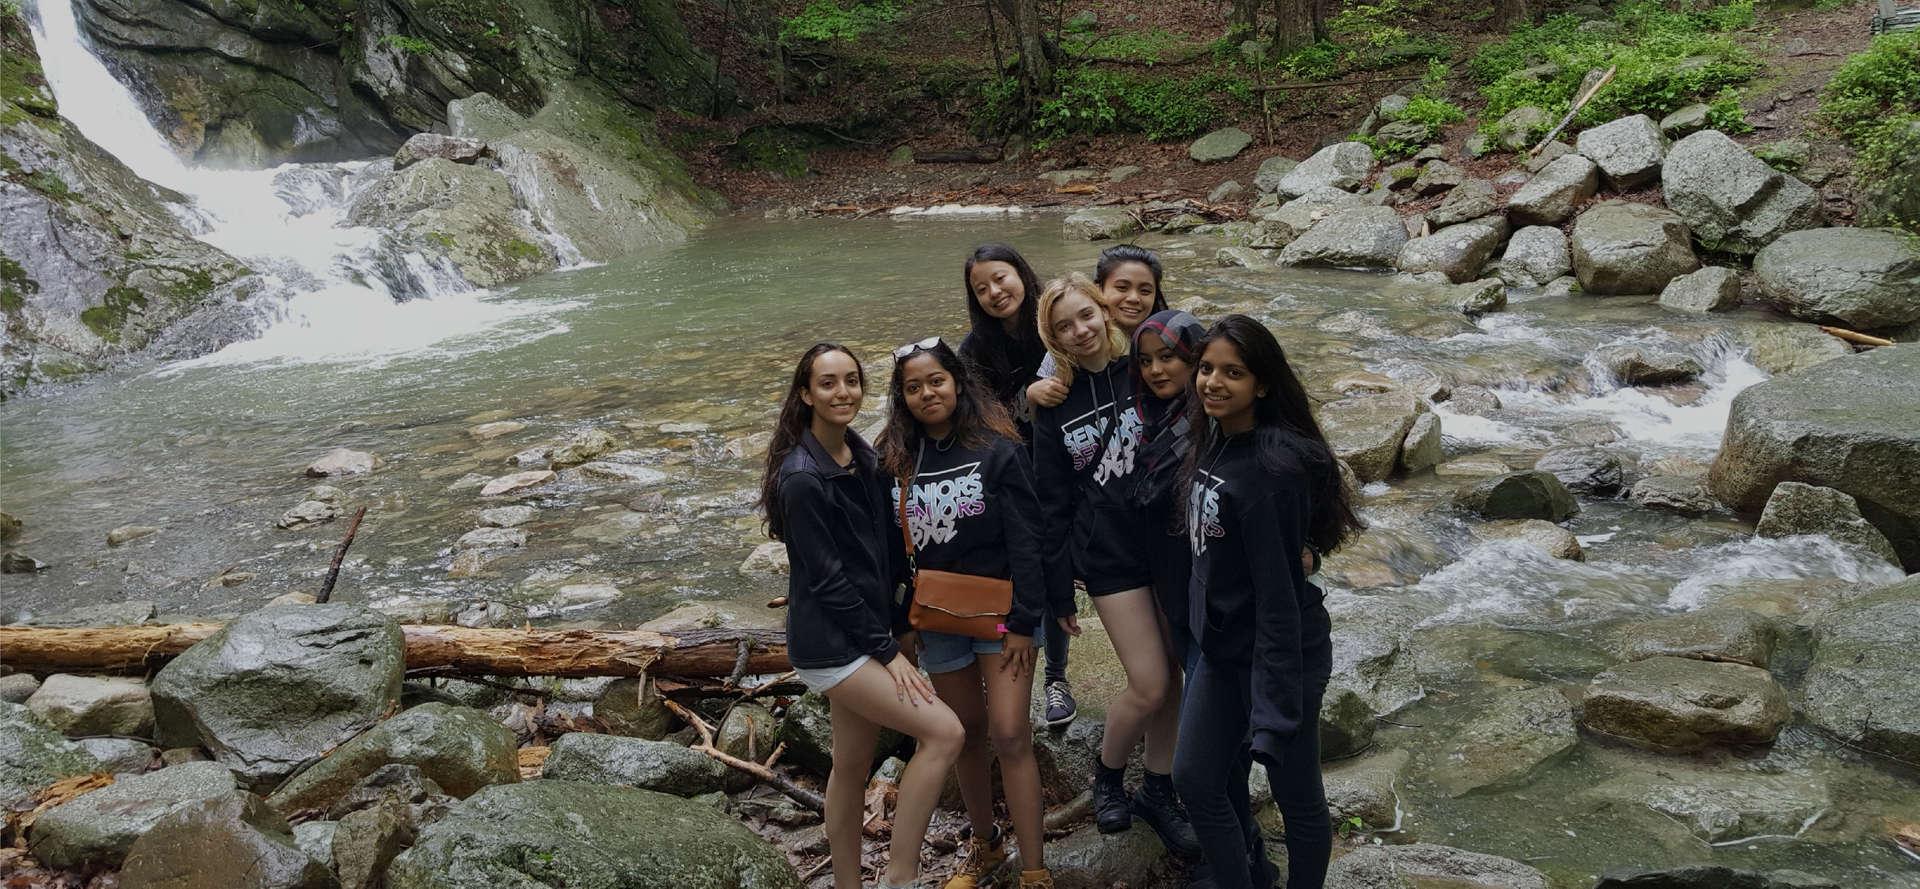 一群学生站在湖前的岩石上